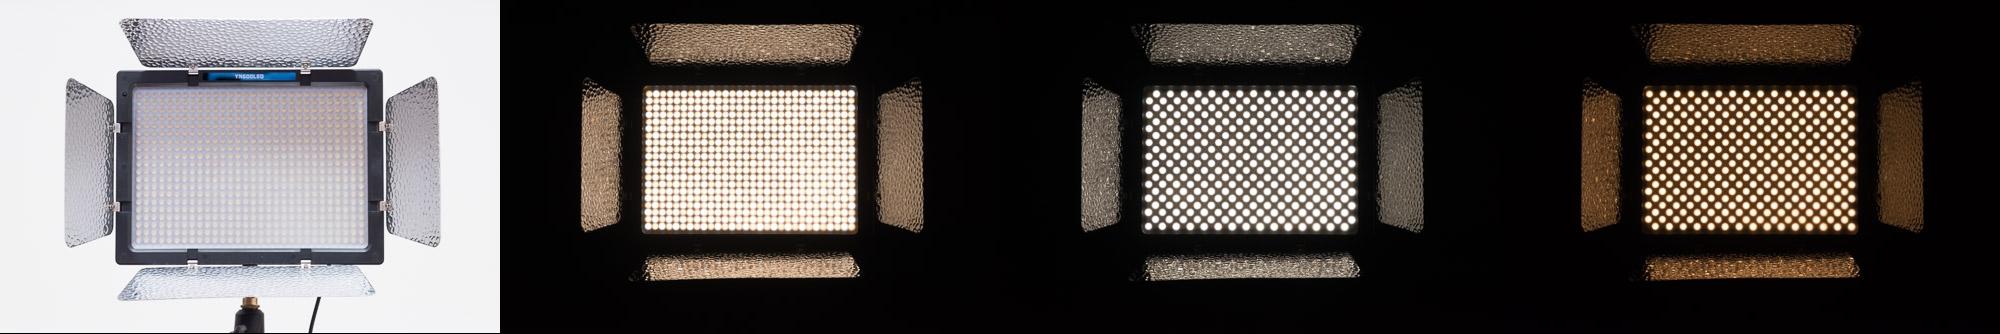 地下撮に向けて その①単焦点長玉、その②LEDライト